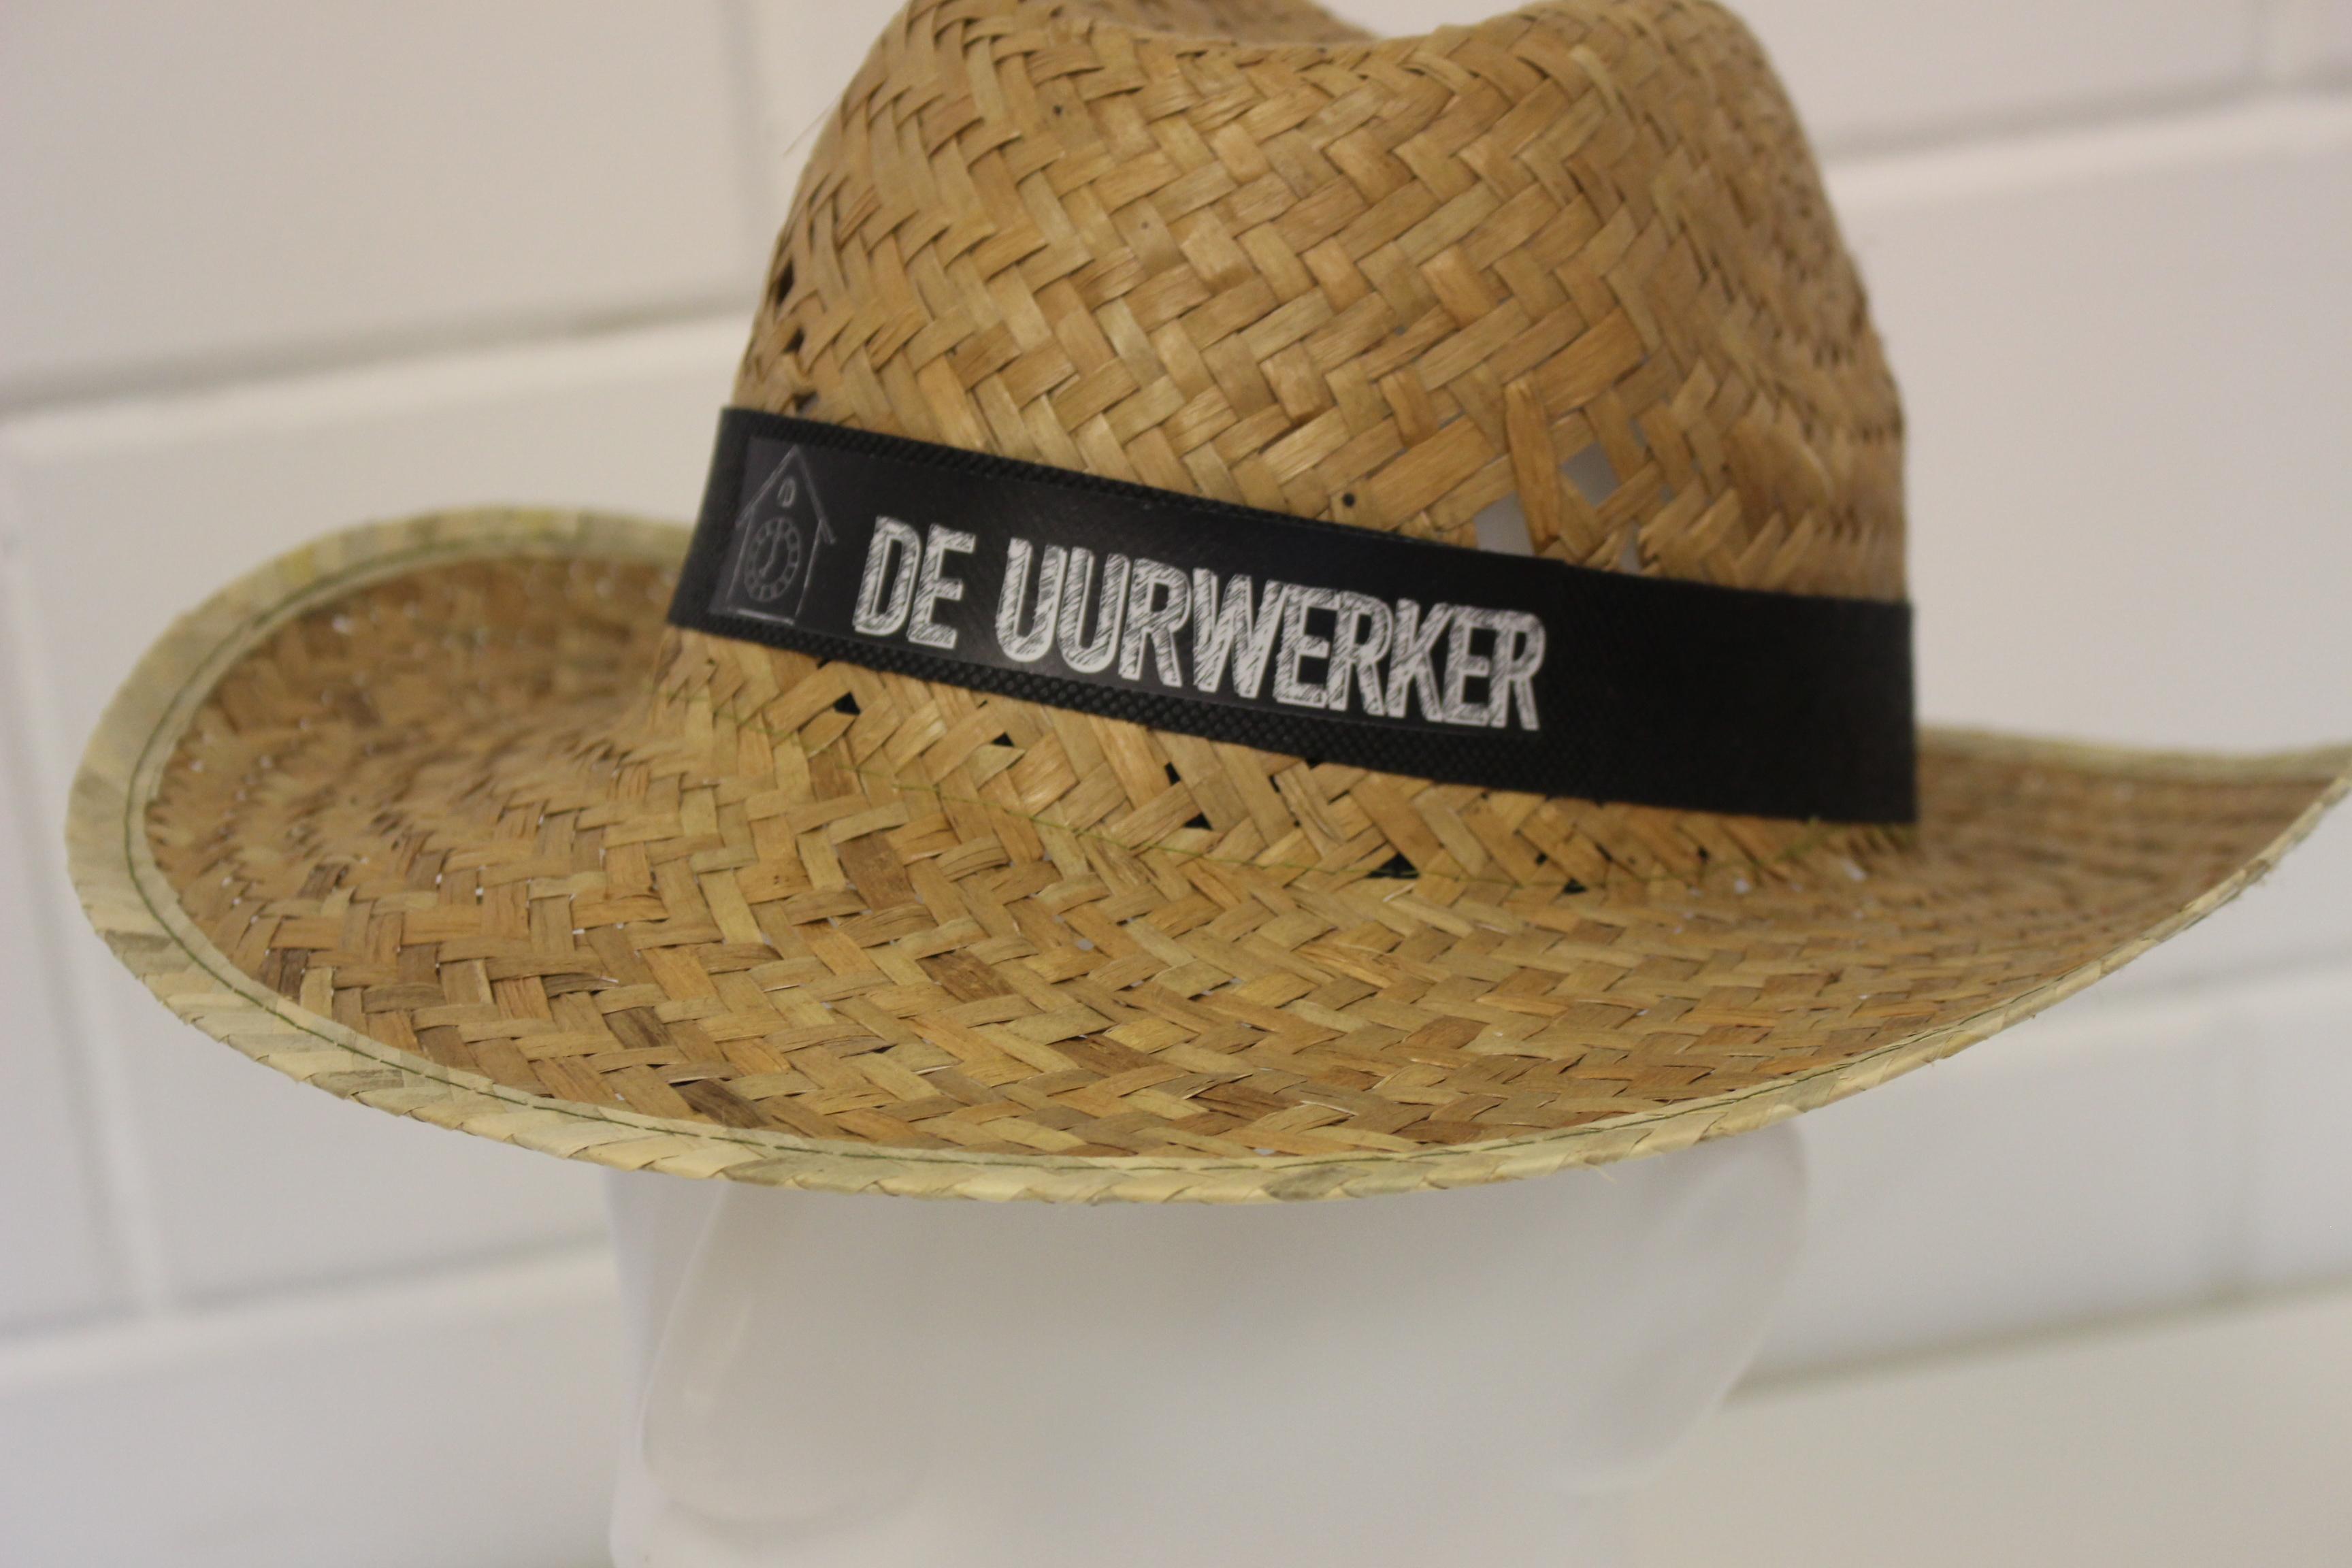 uurwerker Groningen